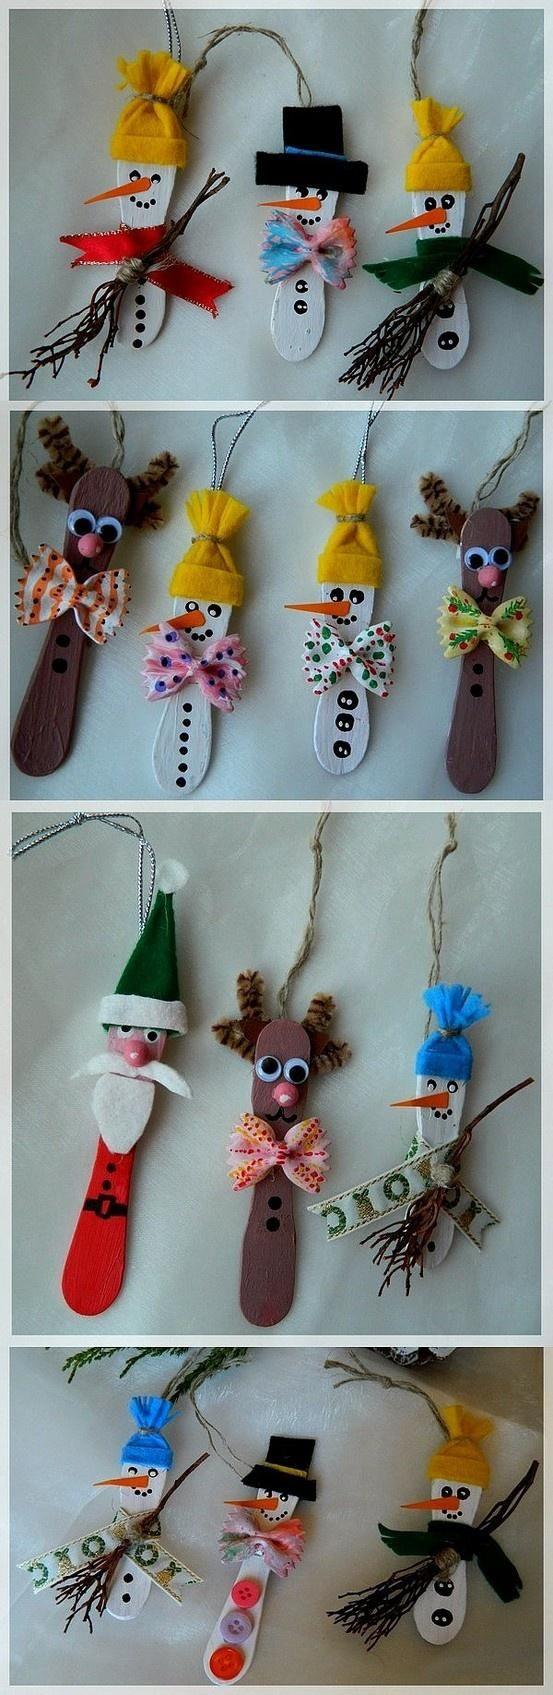 manualidades para el arbol navideño con palitos de helado